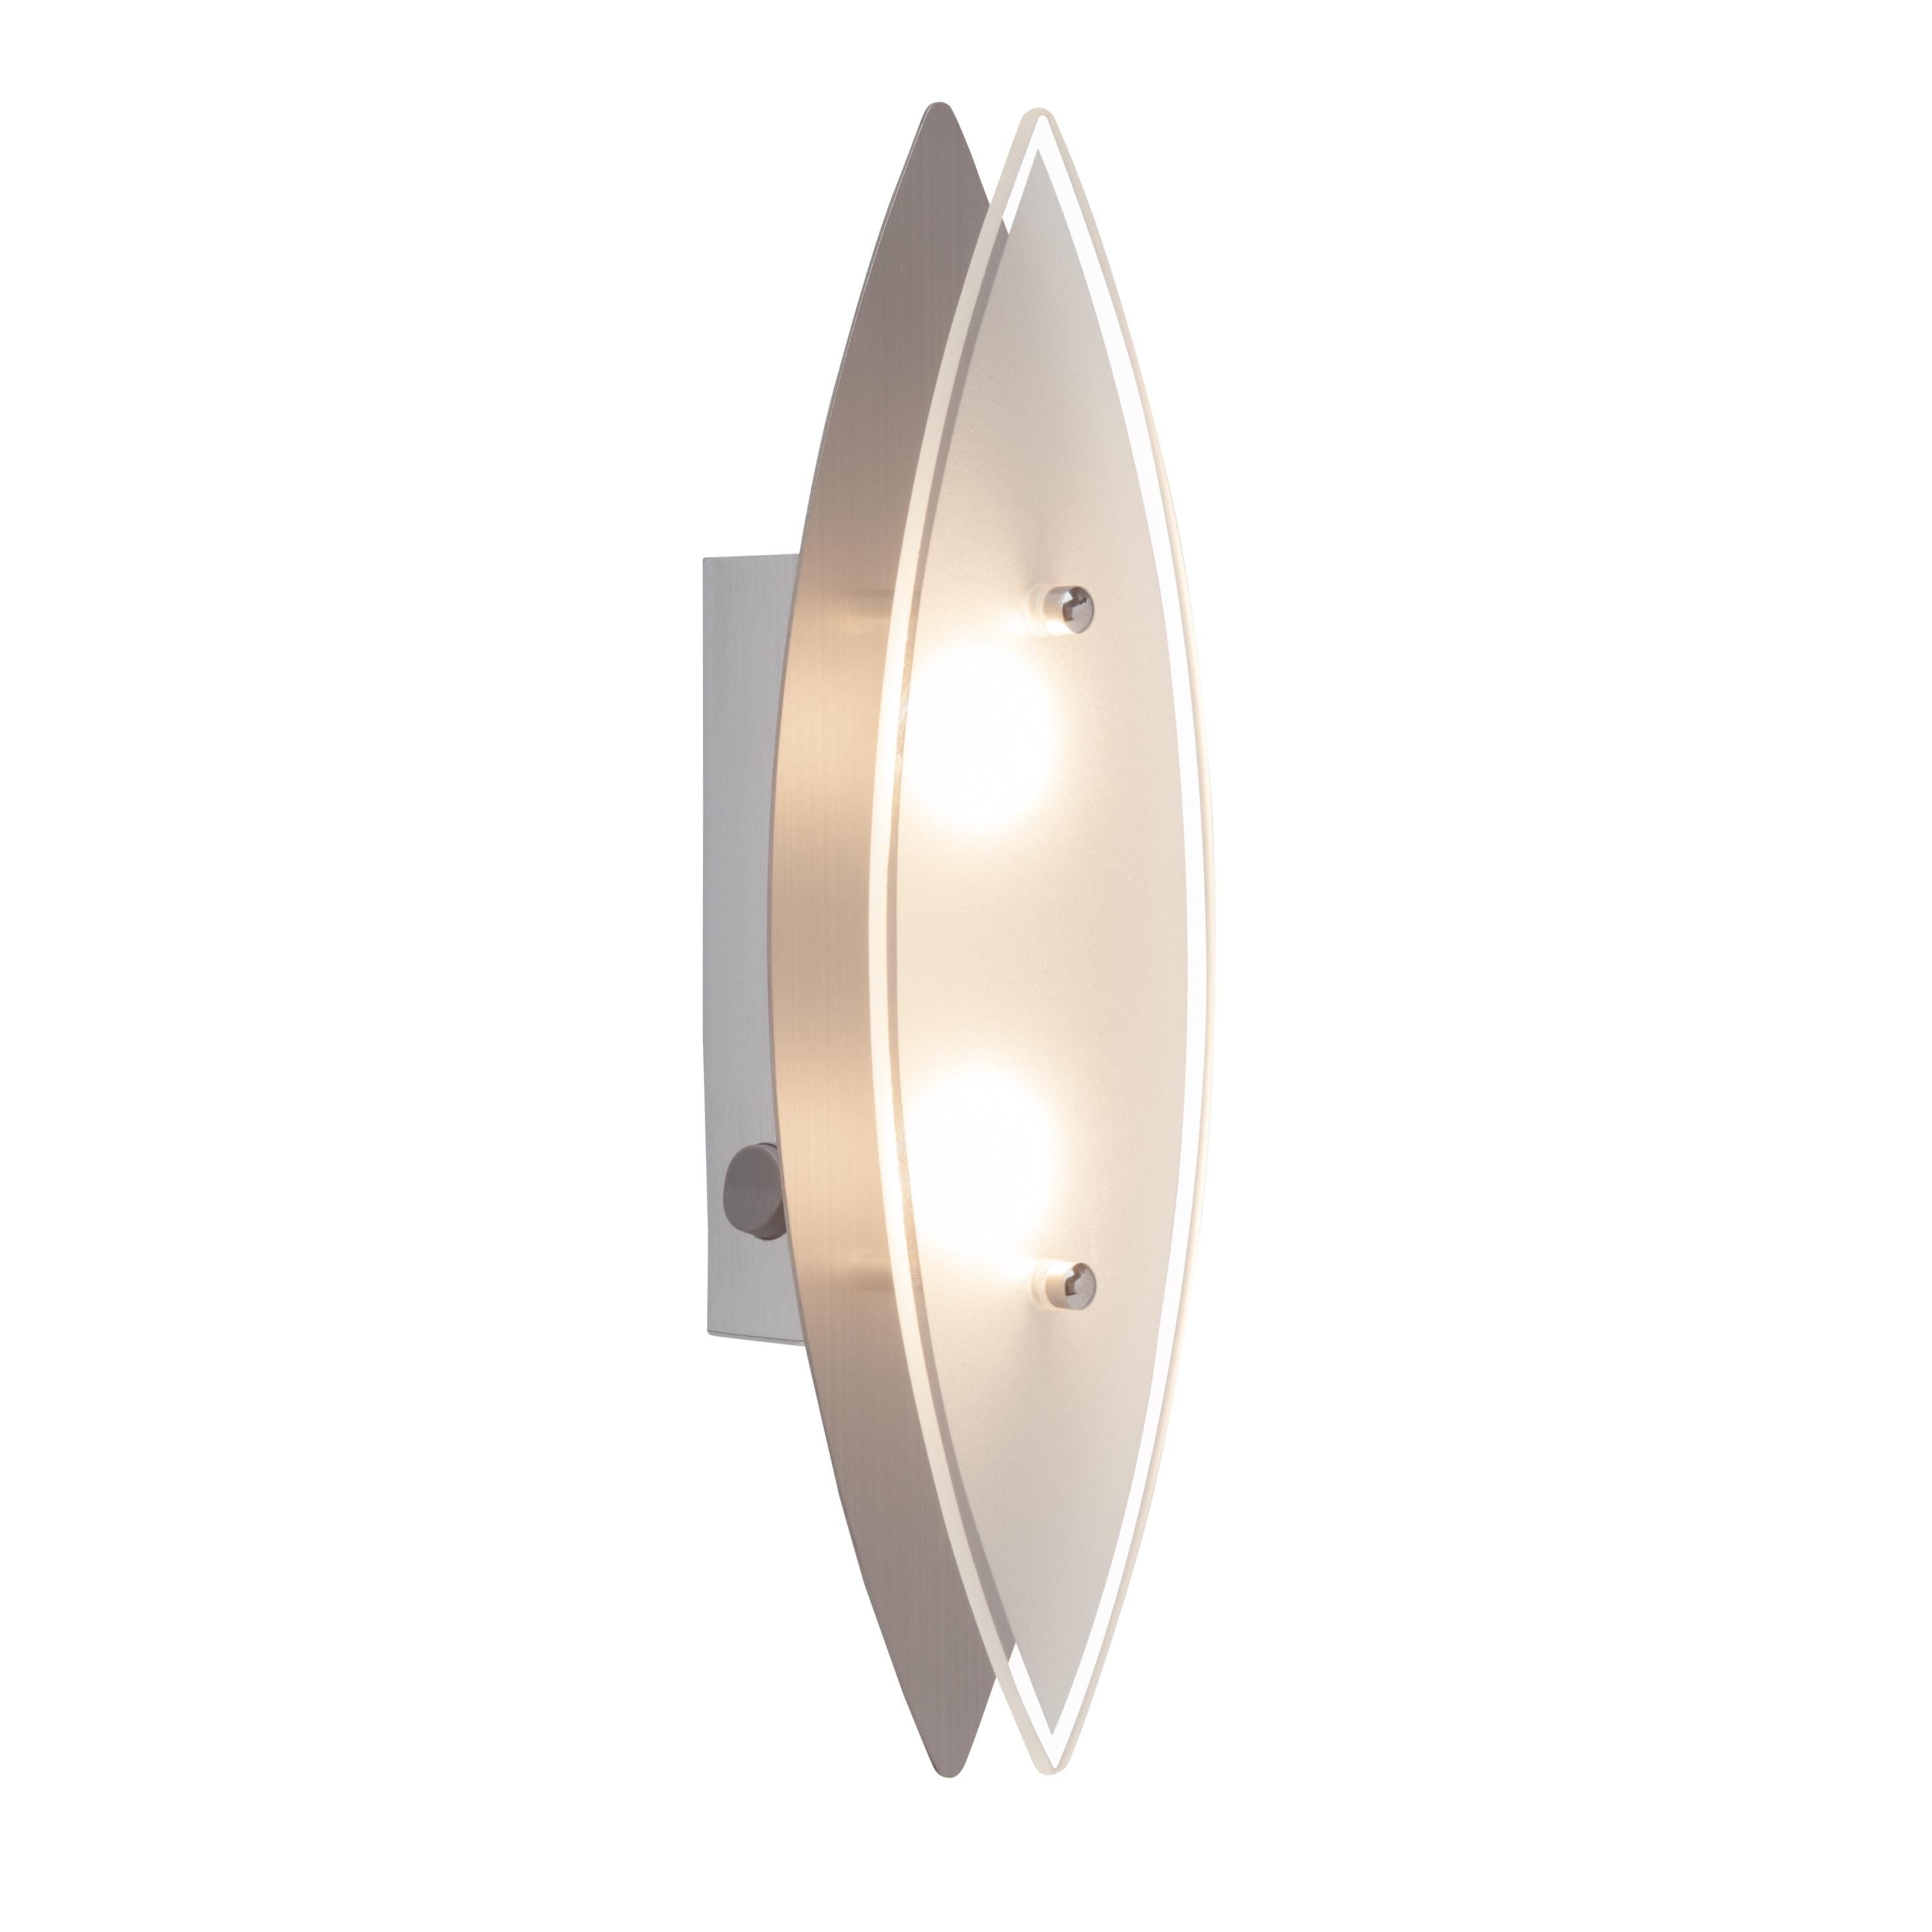 Brilliant Leuchten Oval LED Wandleuchte Schalter eisen